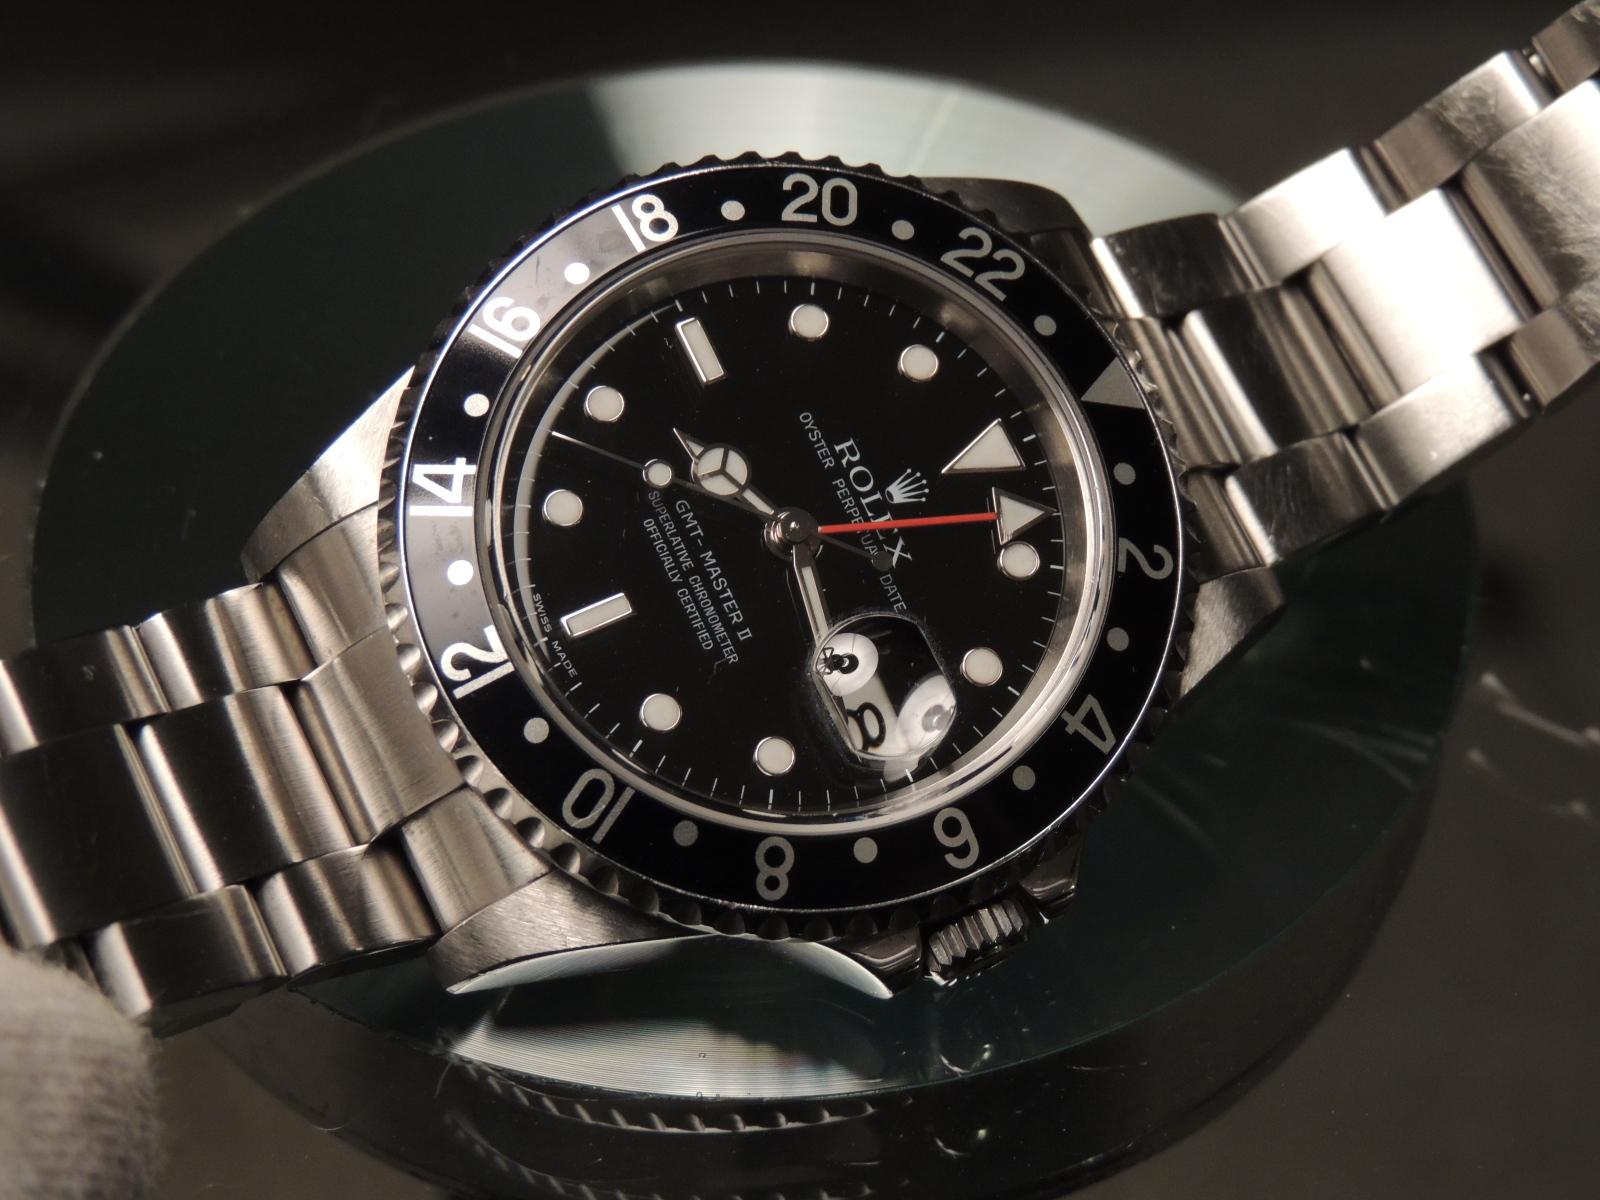 GMT: Rolex GMT Master II 16710 LN